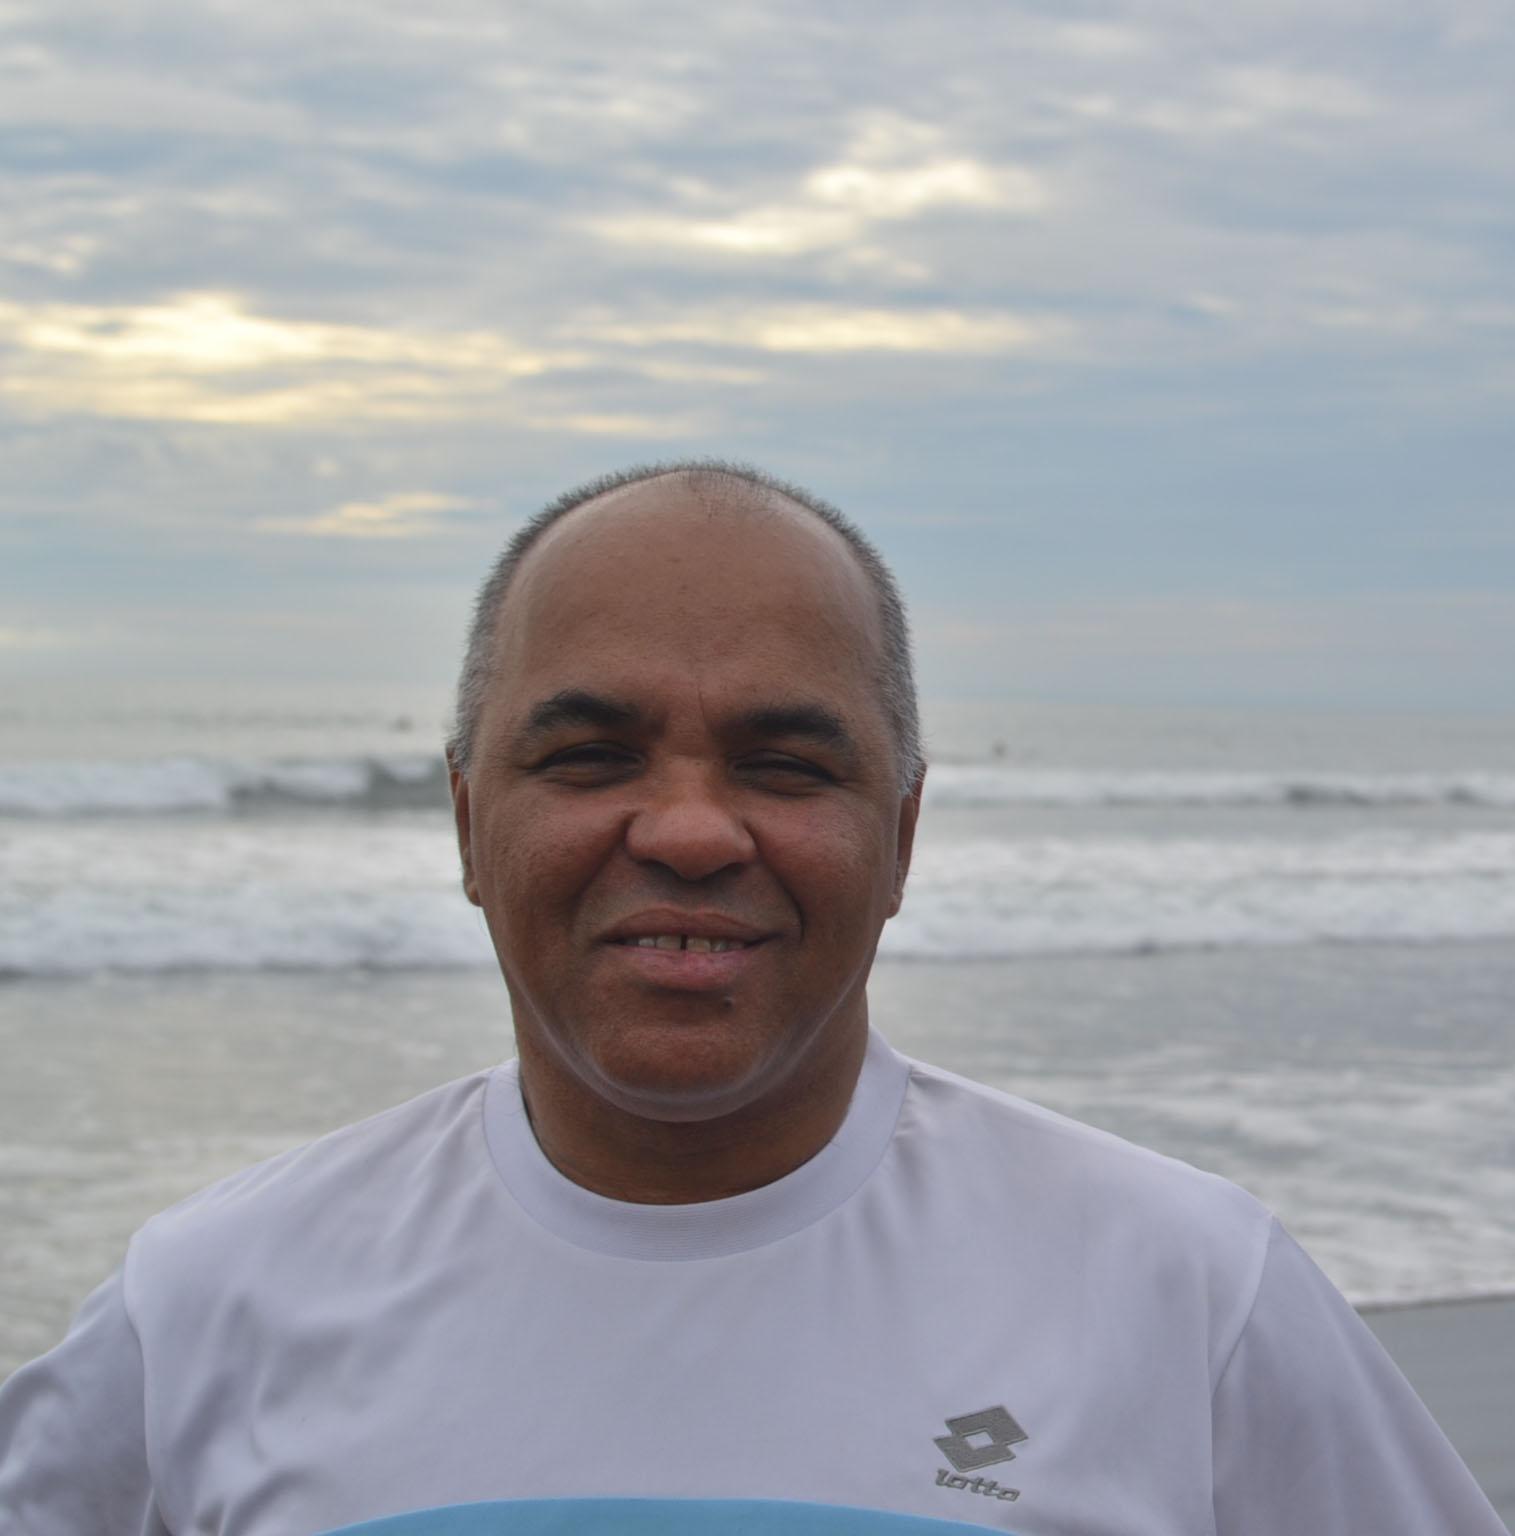 Roberto Assuncao De Almeida